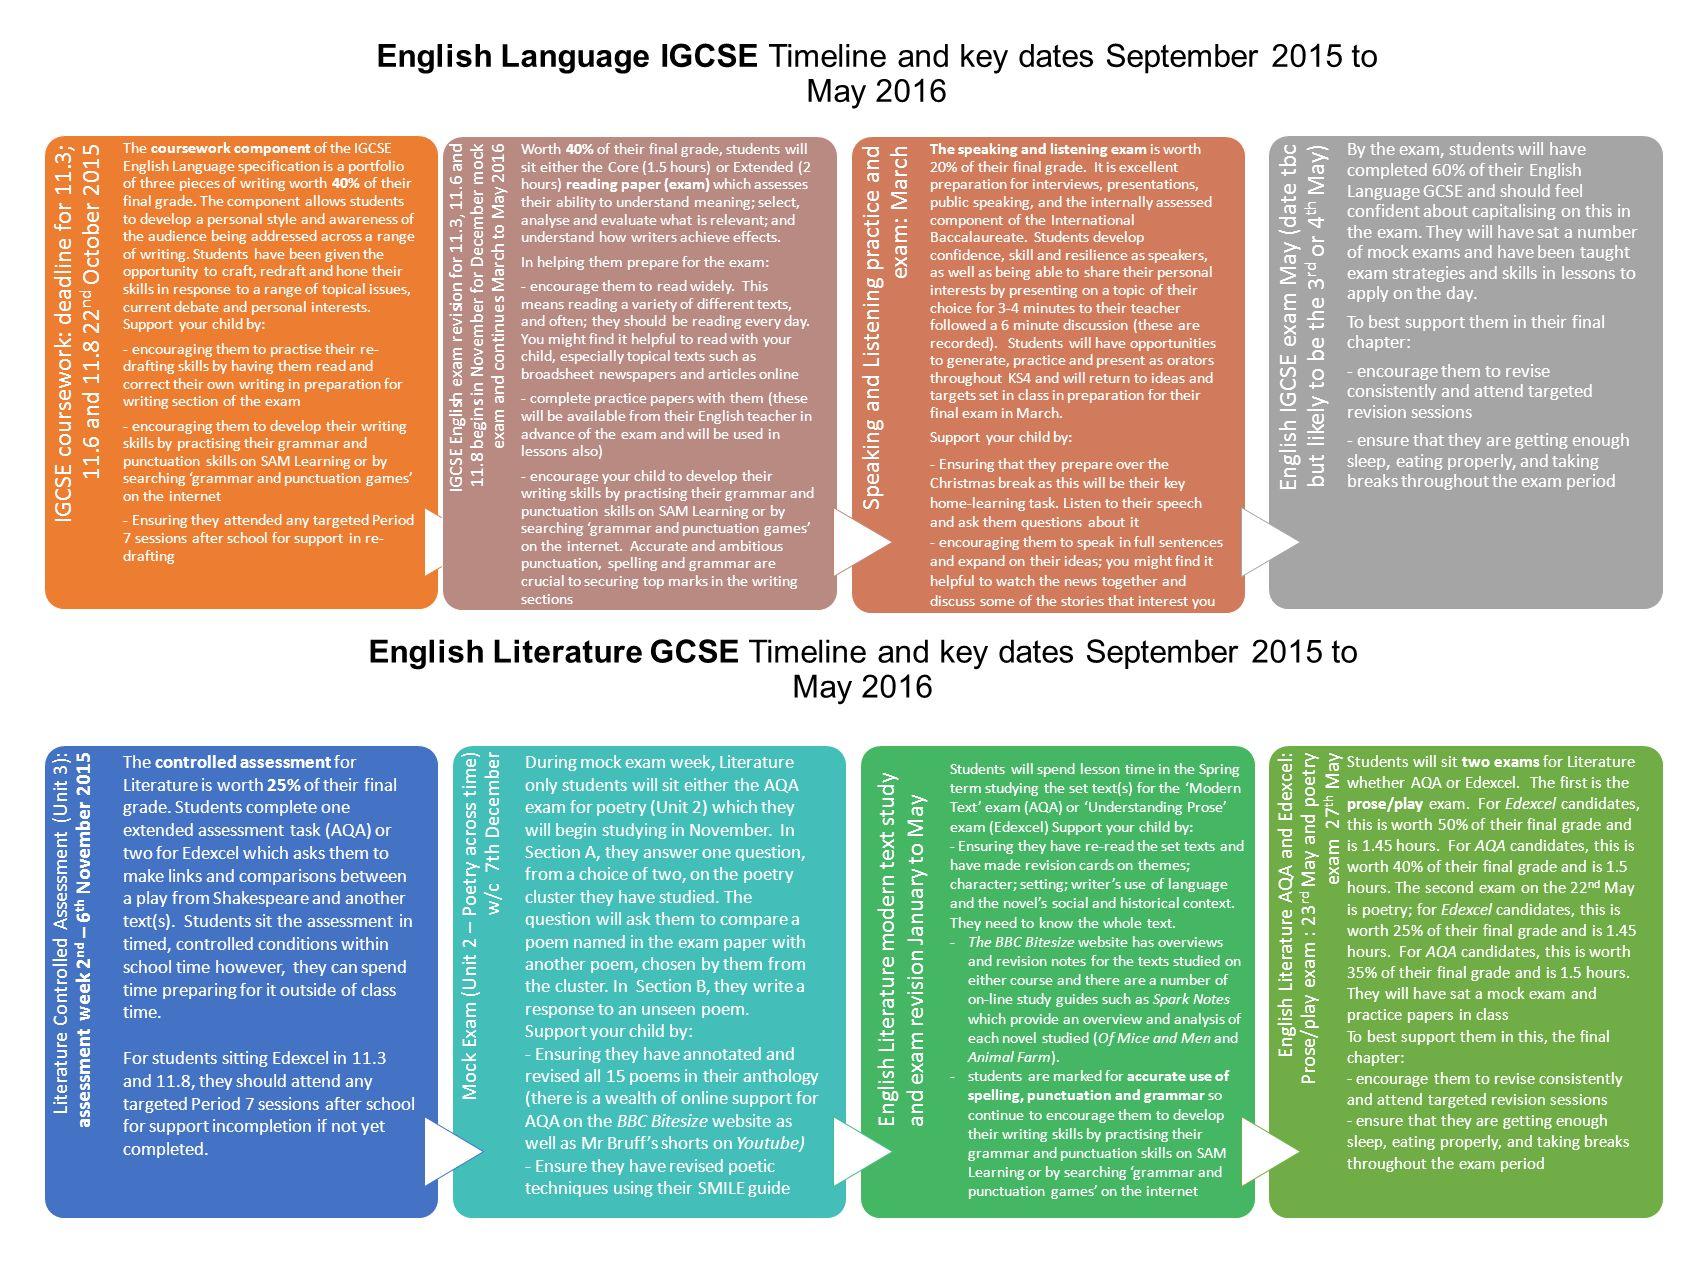 English Language IGCSE Timeline and key dates September 2015